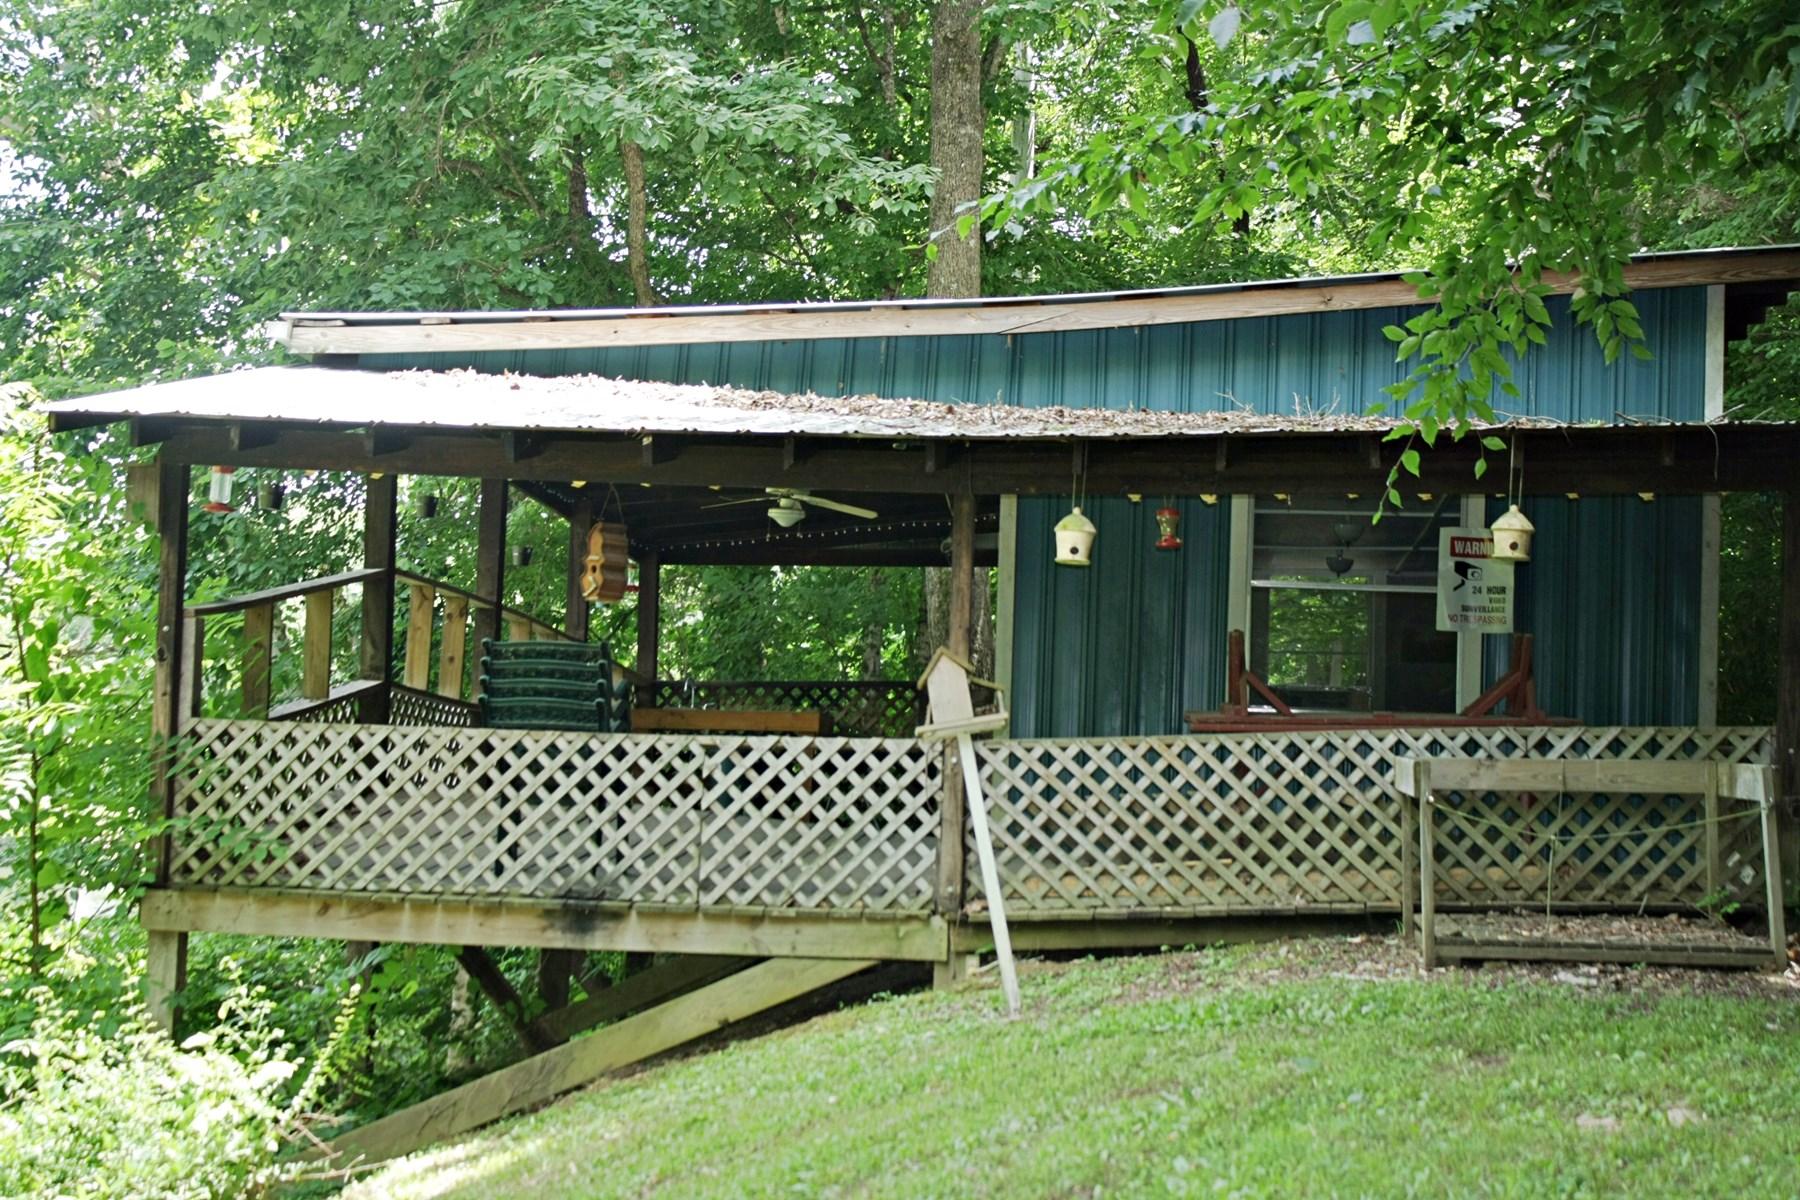 Buffalo River Front Cabin 1.2 Ac. Near Lobelville TN $49,900